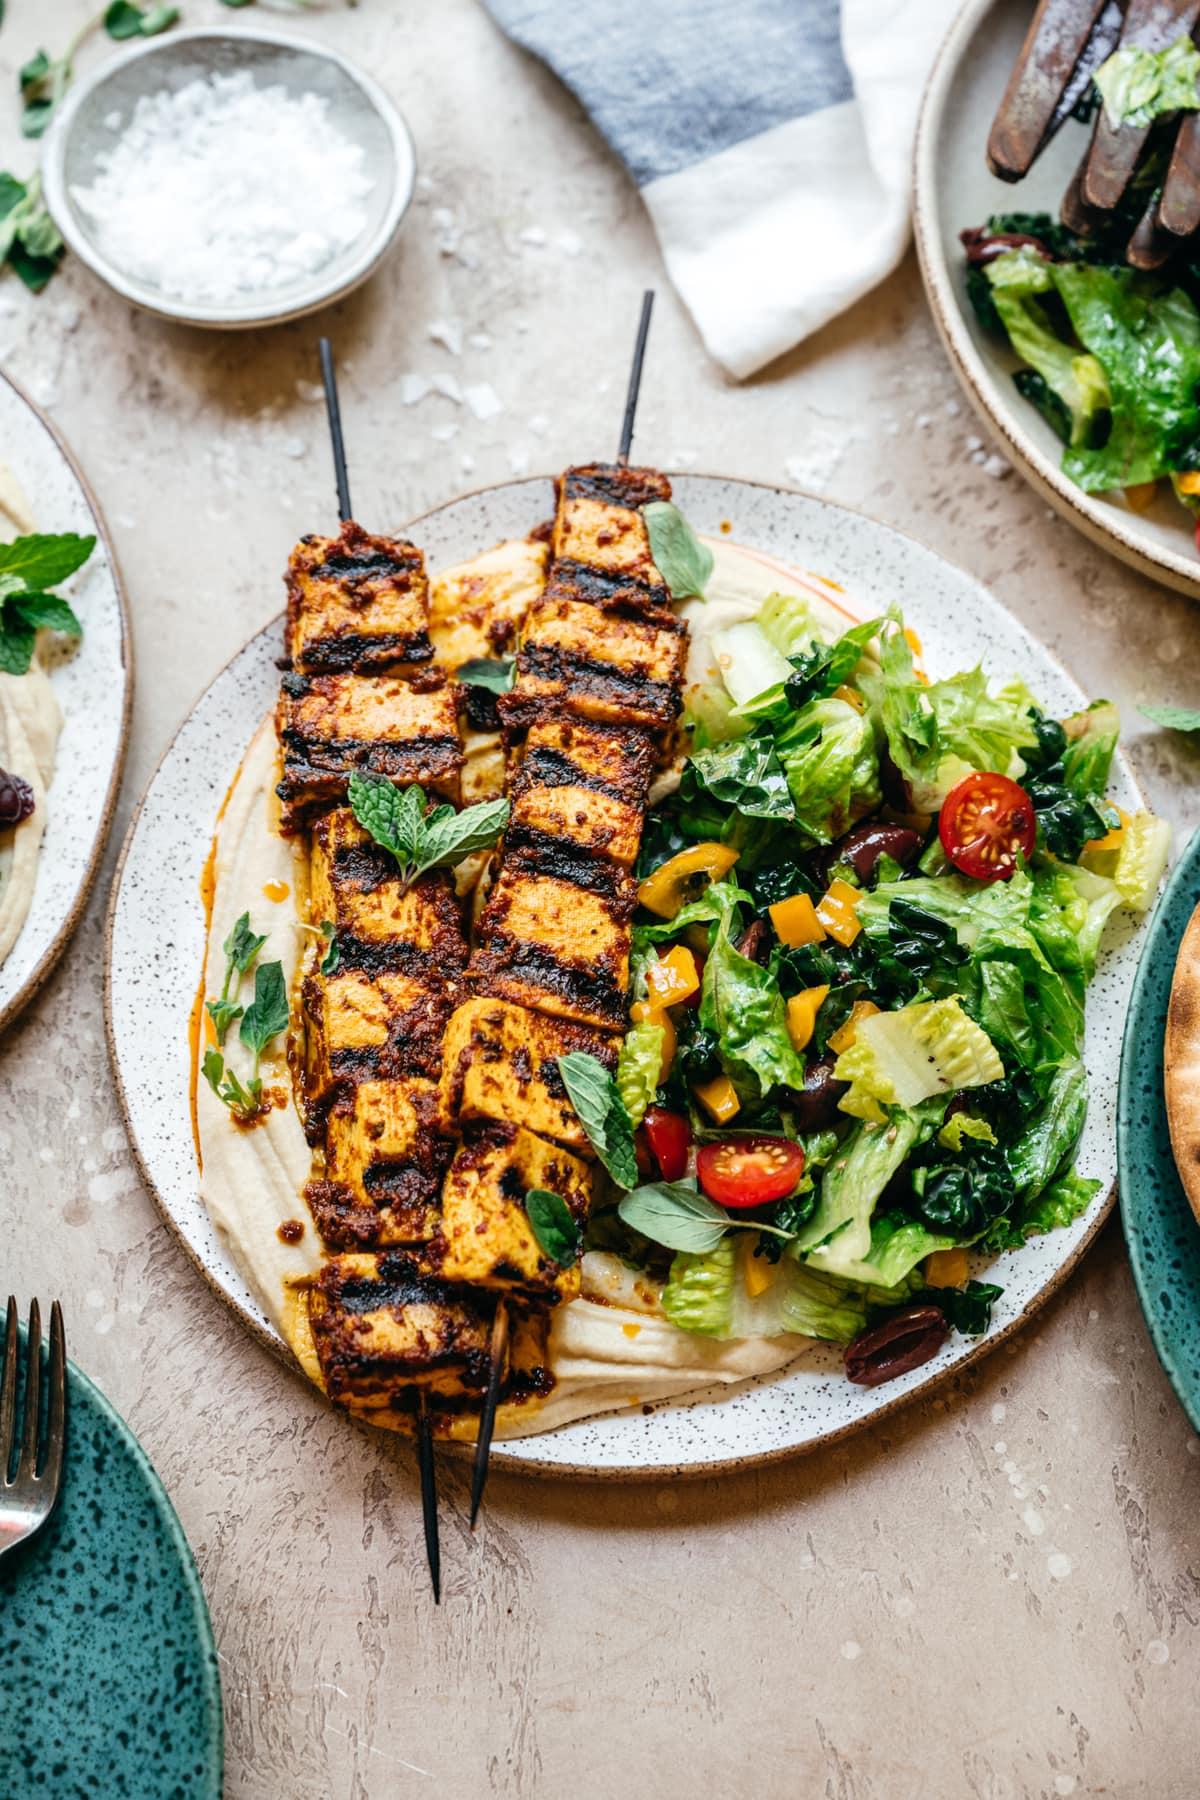 side view of Mediterranean grilled tofu kebabs